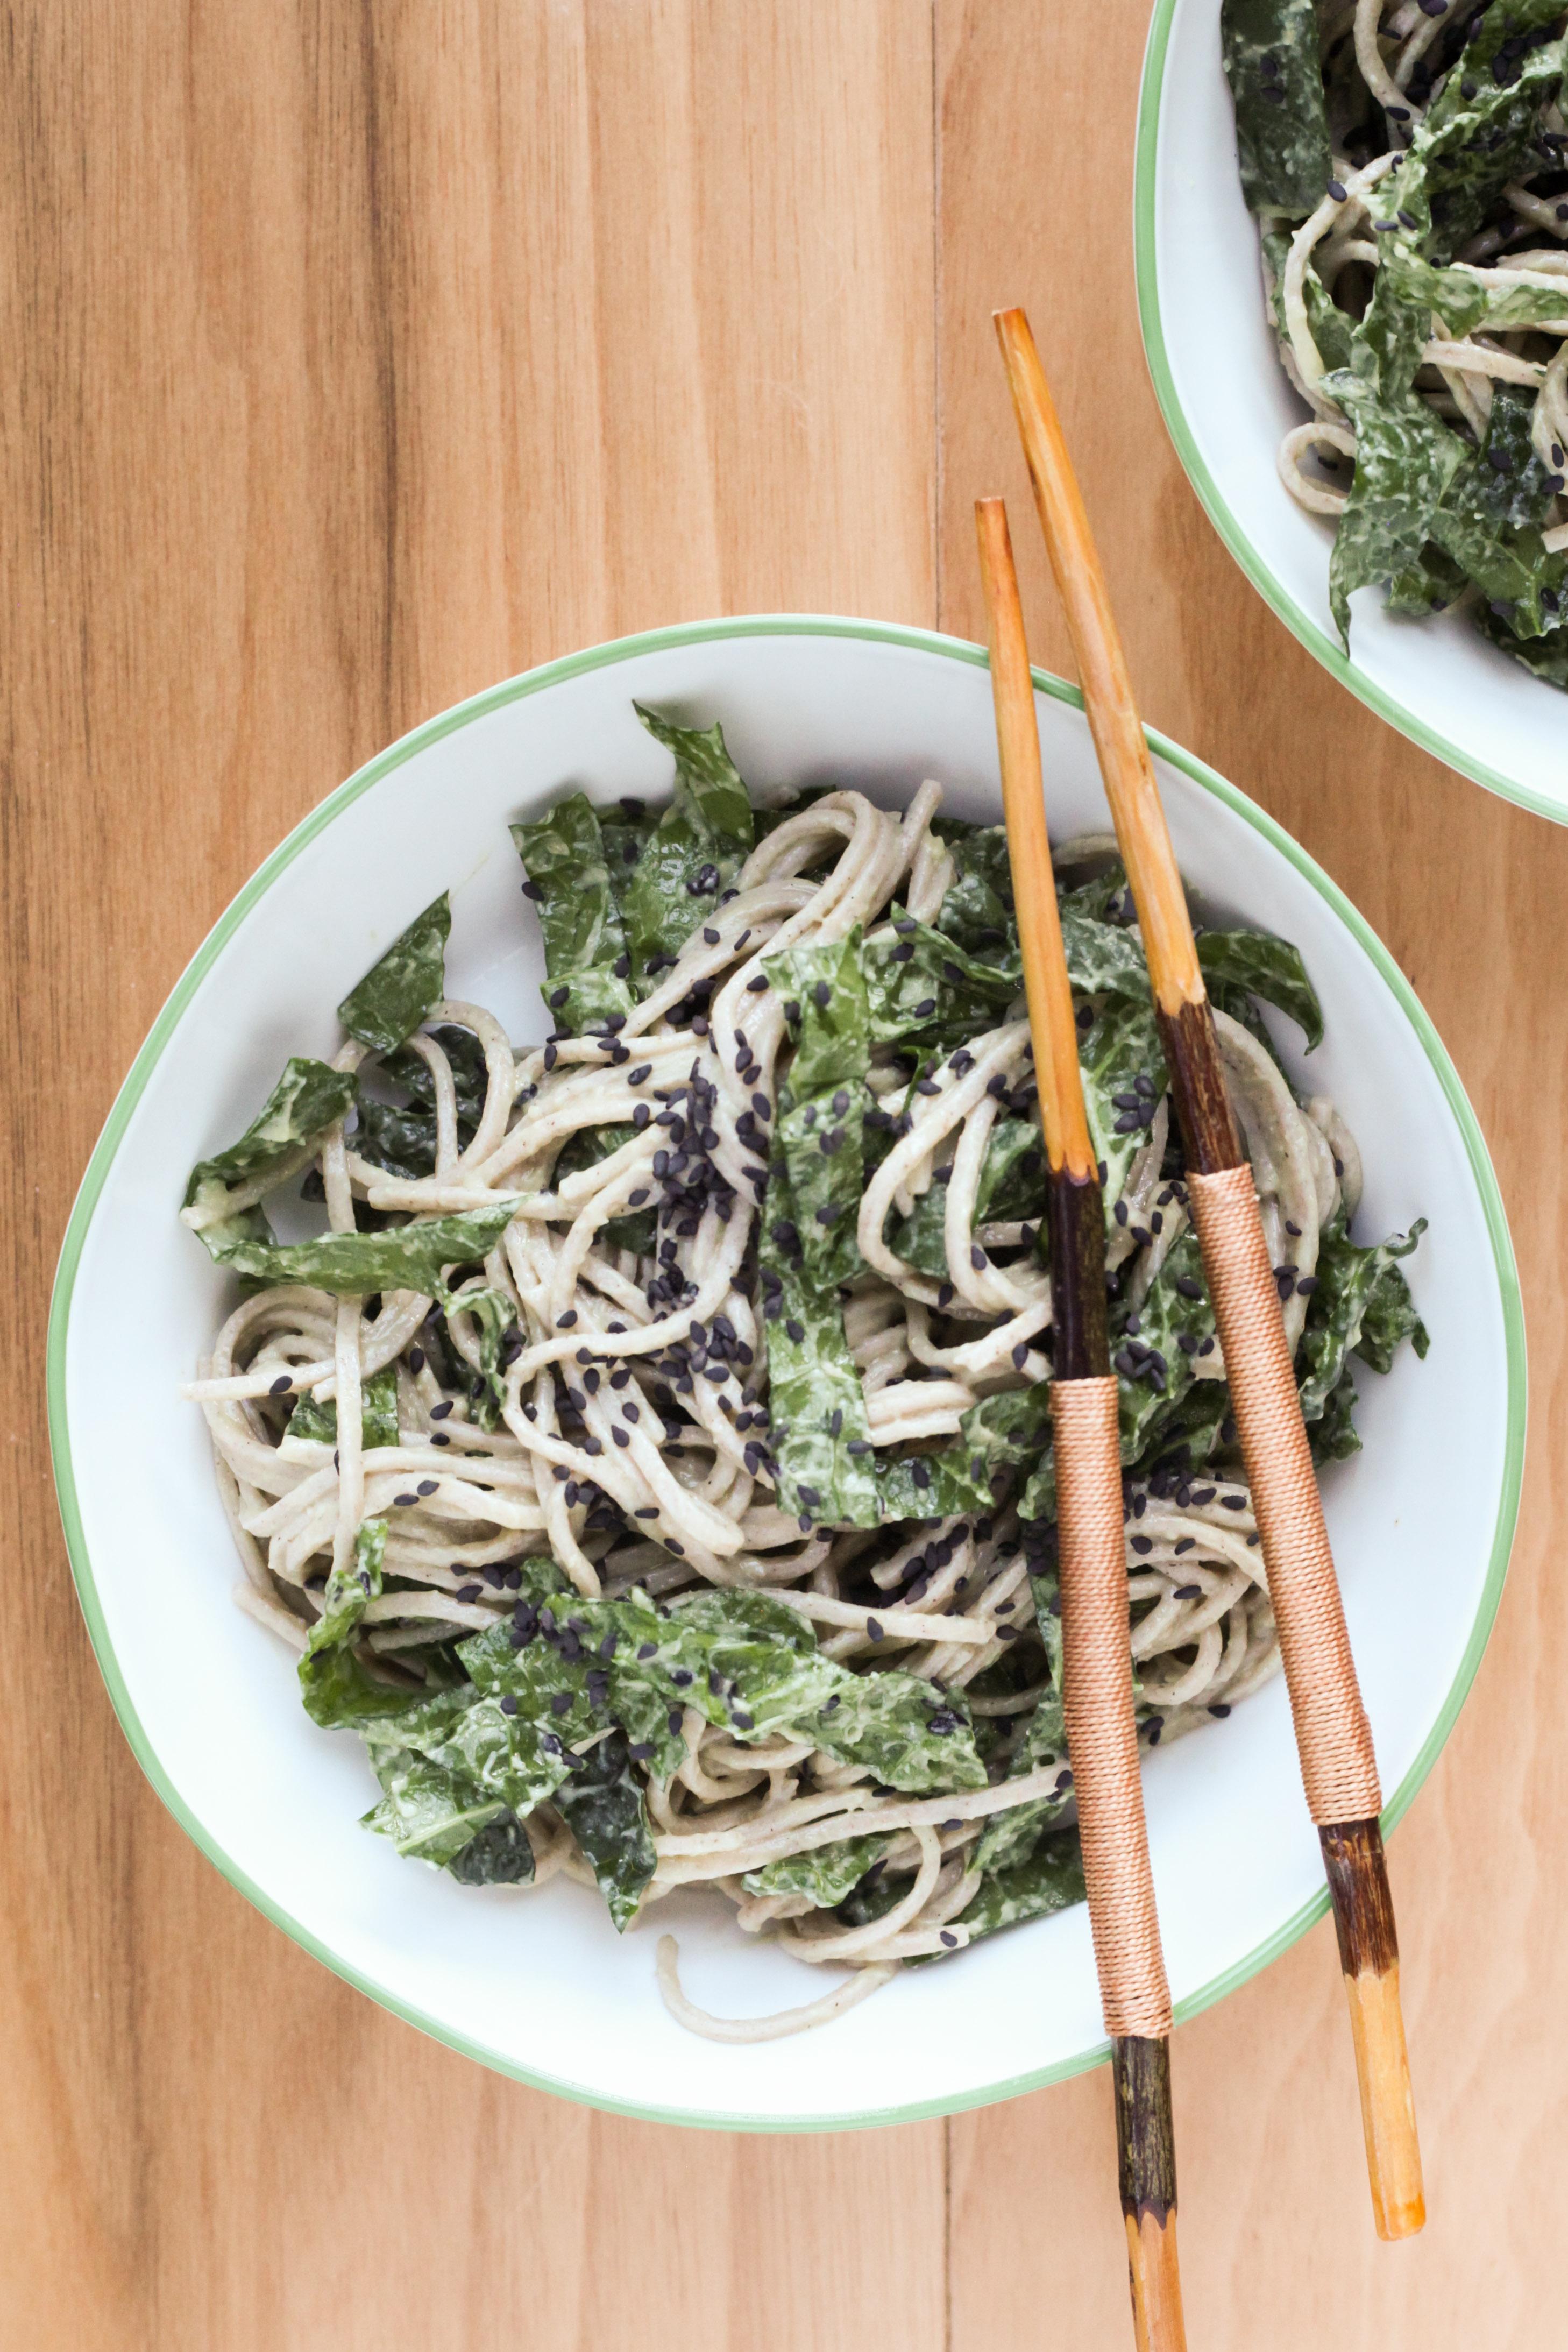 Miso-Avocado Soba Noodles With Kale | amodestfeast.com | @amodestfeast